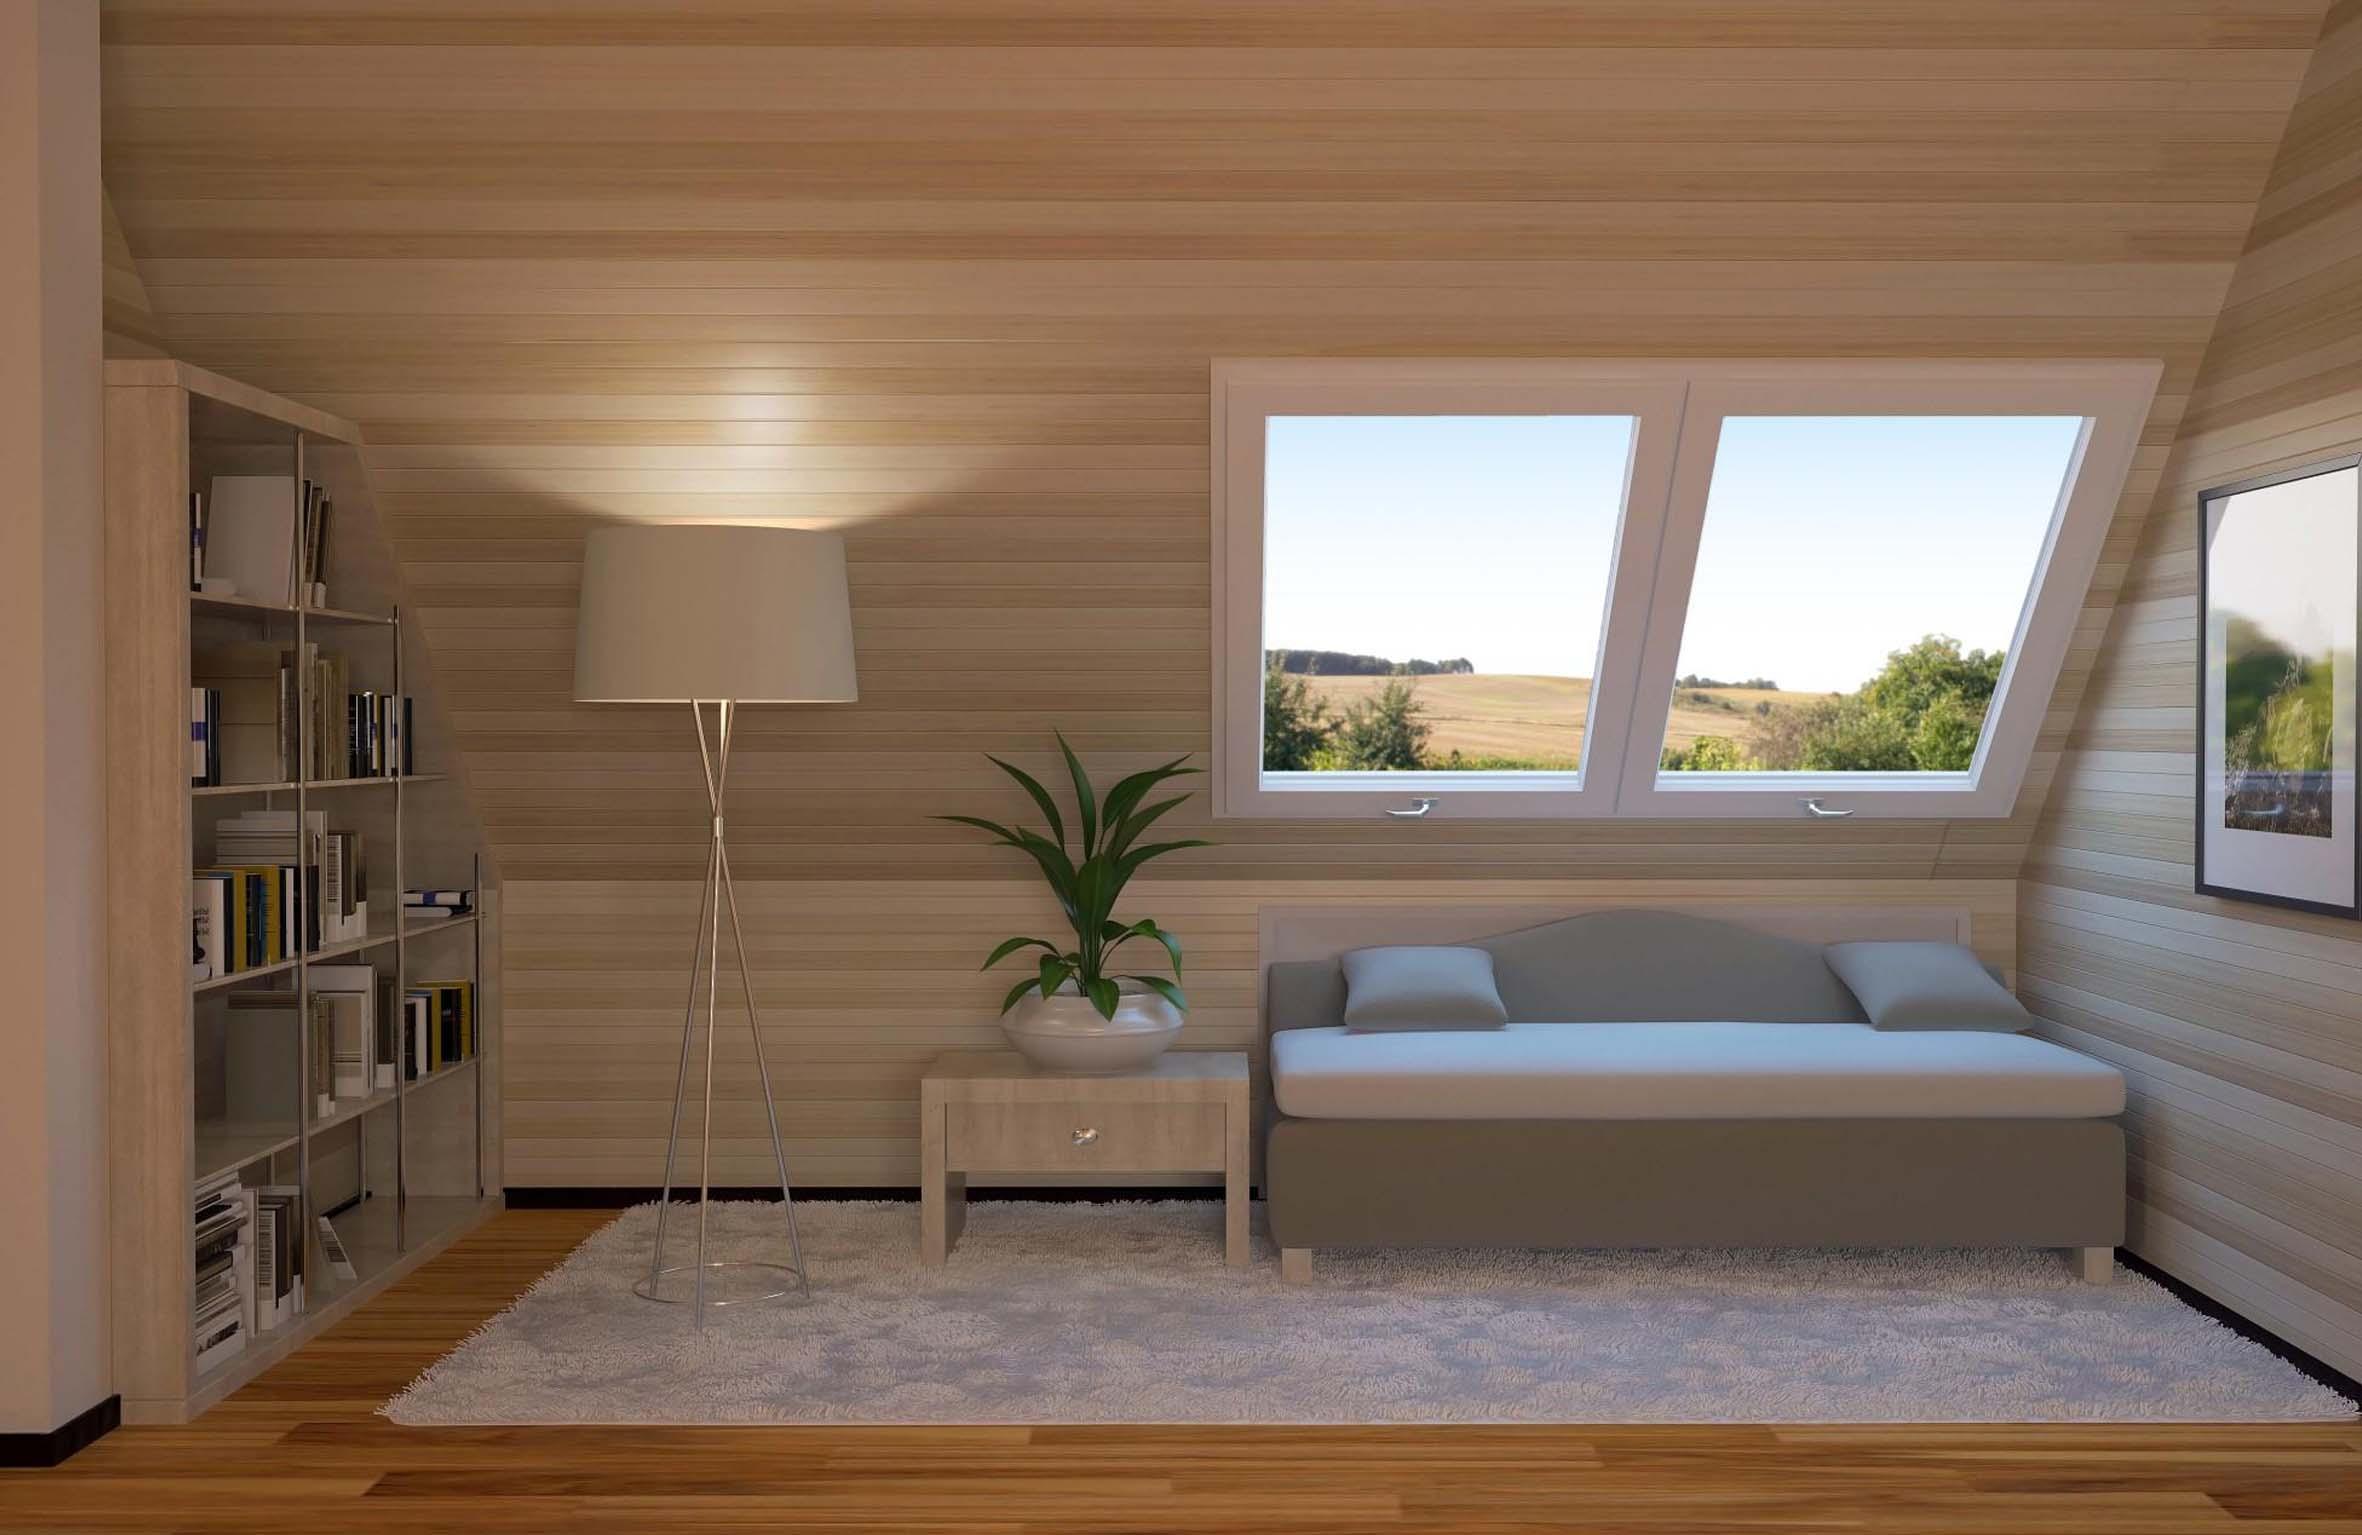 come fare solaio in legno in una piccola stanza : Come creare un angolo lettura in mansarda - Mansarda.it